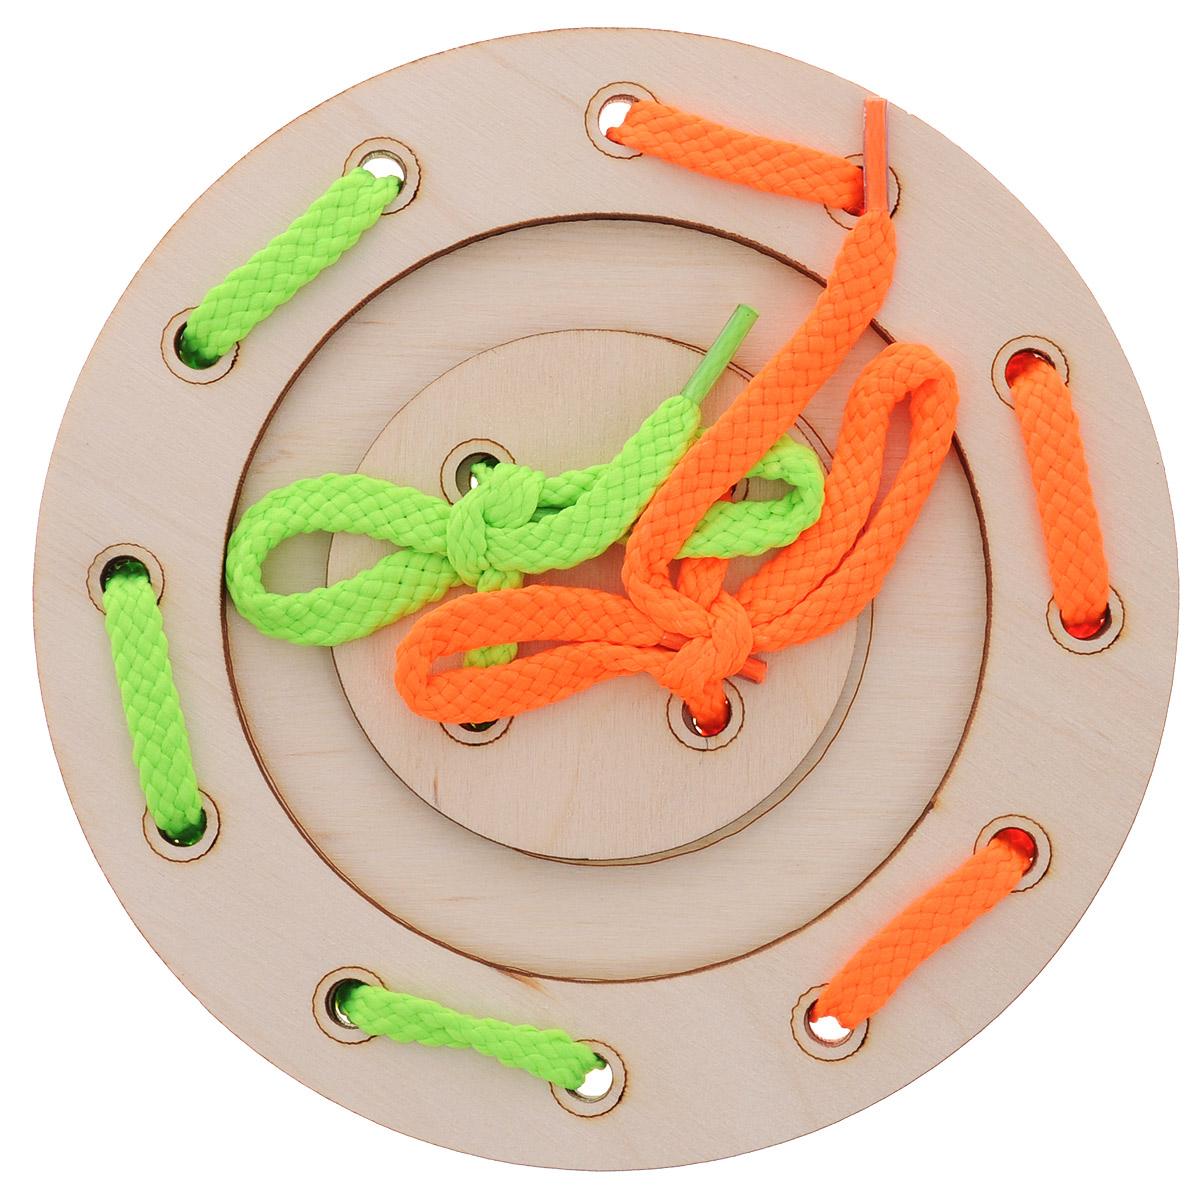 Мастер Вуд Игра-шнуровка Пуговичка цвет салатовый оранжевыйДШ-1_салатовый, оранжевыйИгра-шнуровка Пуговичка - яркая и несложная игрушка, которая очень понравится вашему малышу. Она выполнена из дерева лиственных пород в виде пуговки, состоящей из трех элементов. Задача малыша - продеть два шнурка разных цветов в отверстия основы, собрав пуговку. Игрушка-шнуровка развивает воображение, пространственное мышление, координацию движений, ловкость, положительно влияет на эмоциональное состояние ребенка и его настроение.